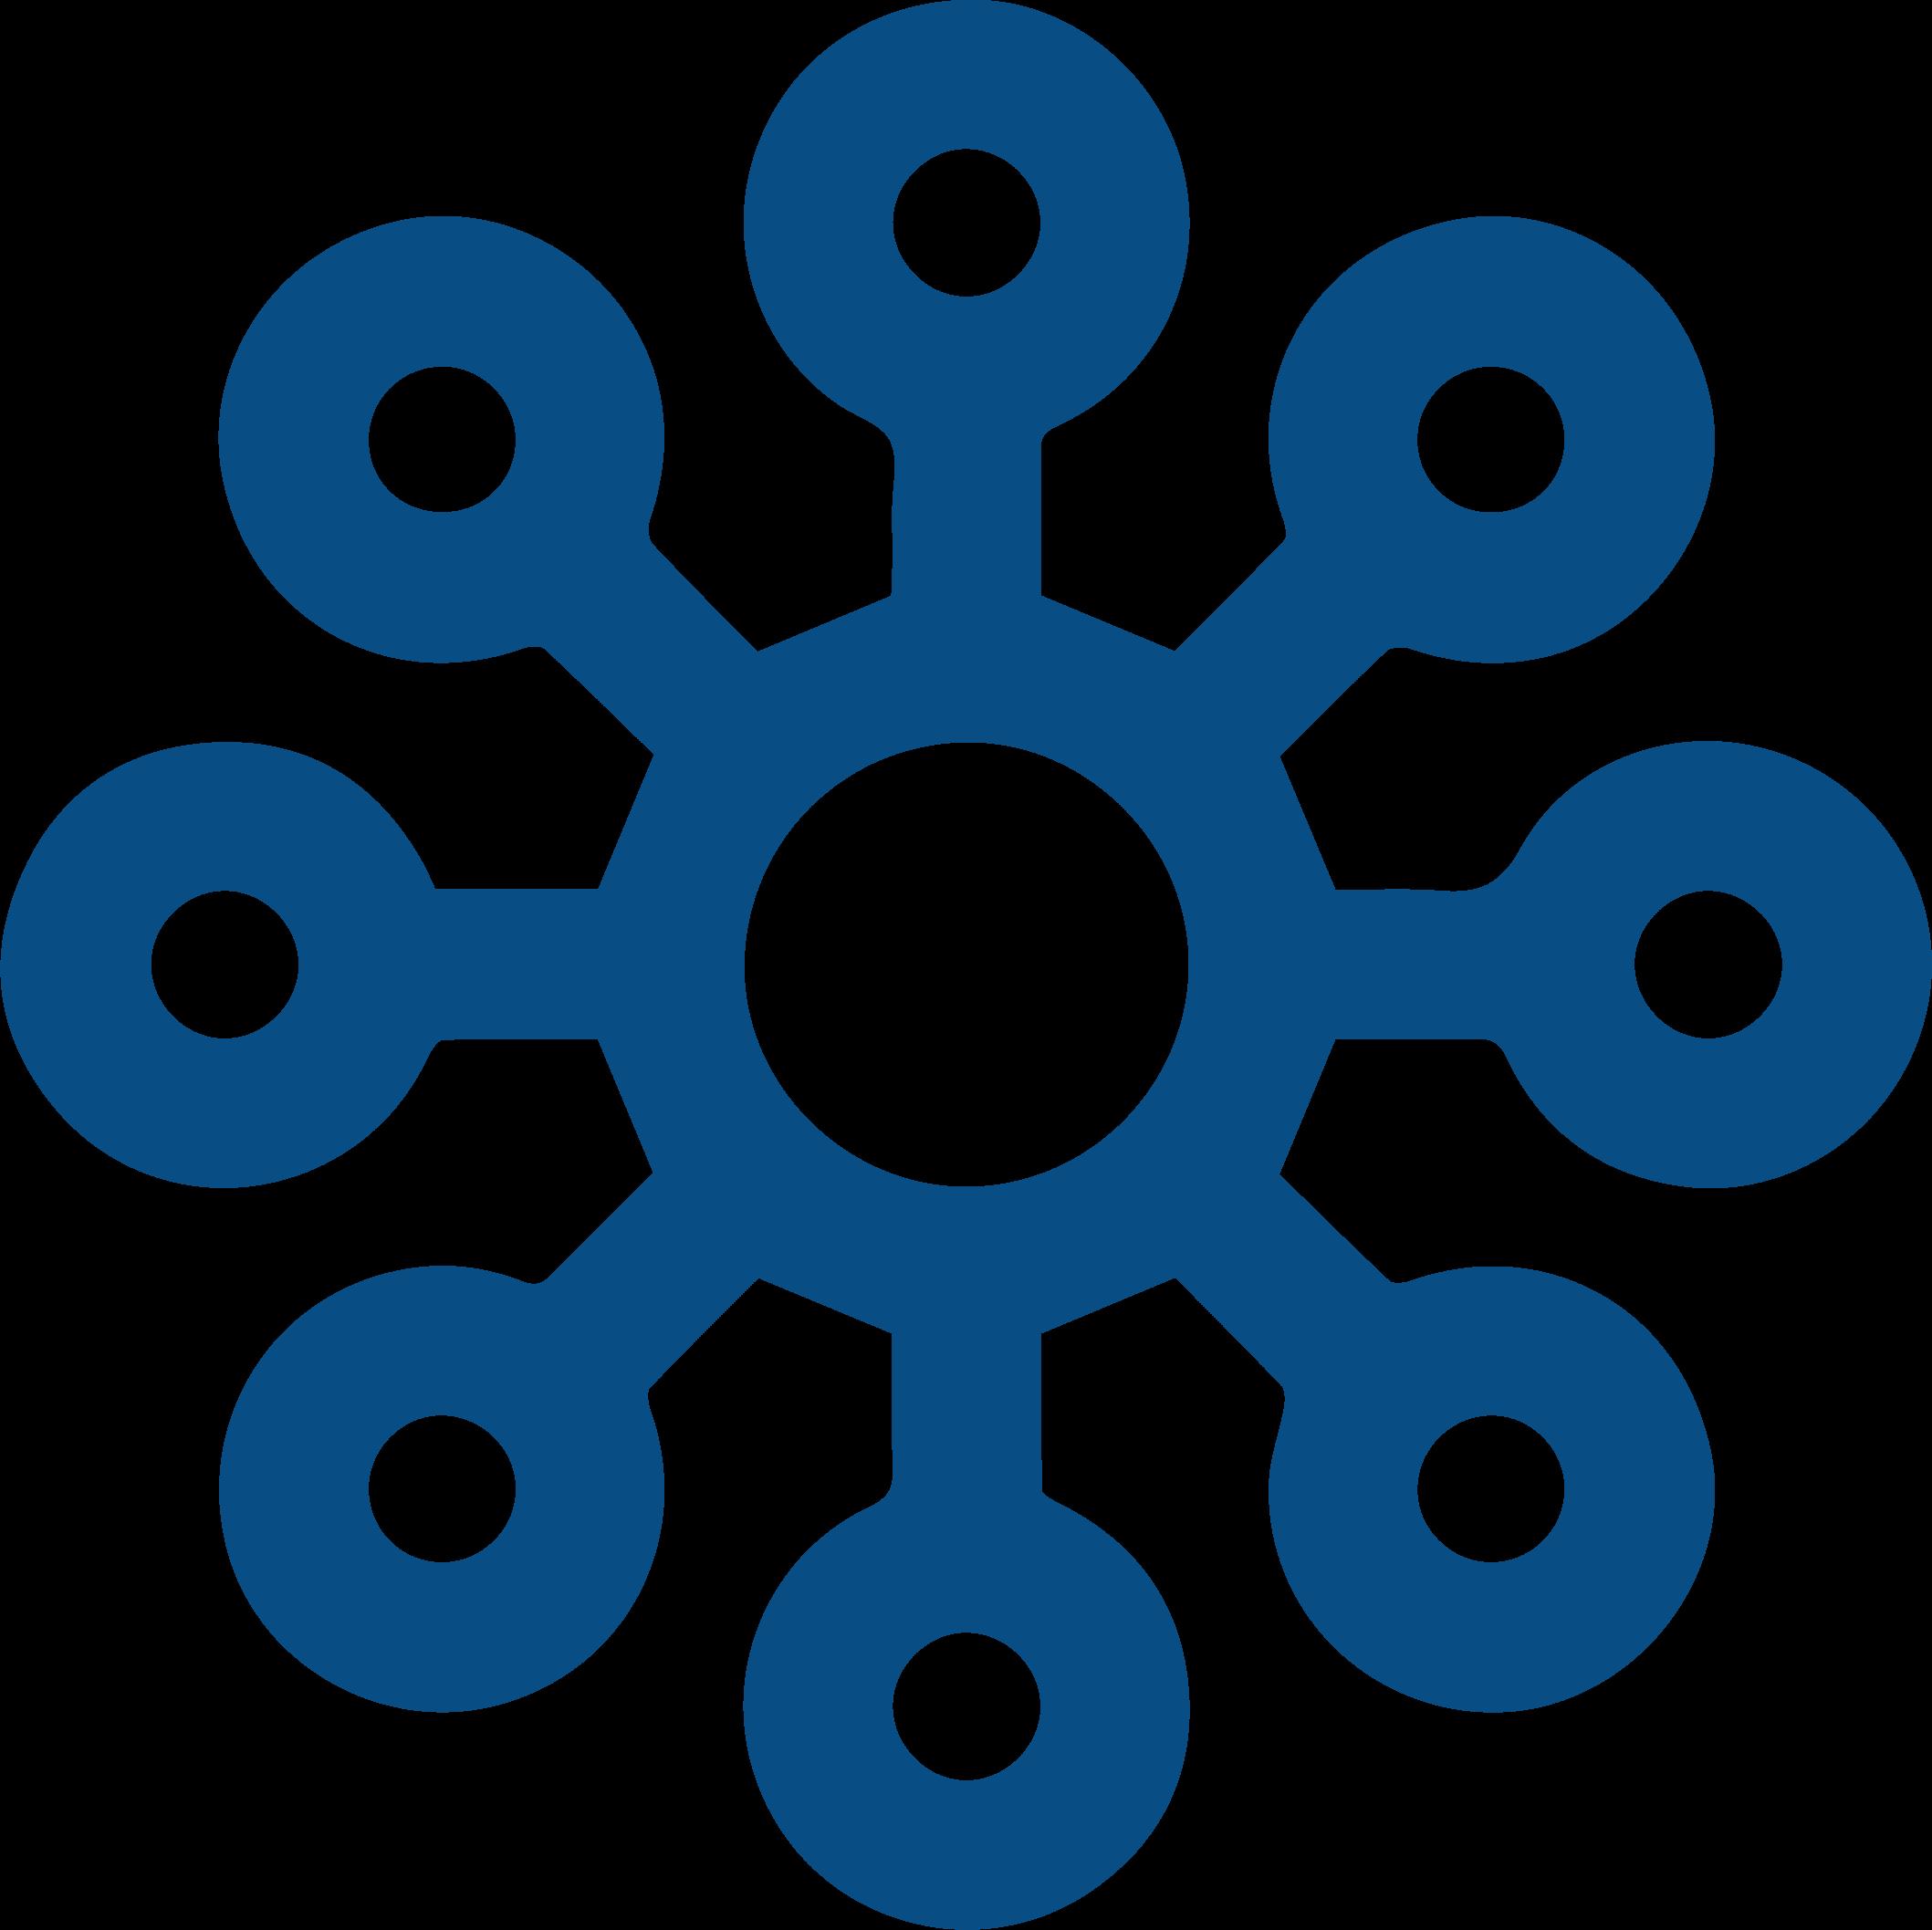 Icon ข้อดีรั้วตะแกรงเหล็กซิงค์อลู หลากหลายการใช้งาน